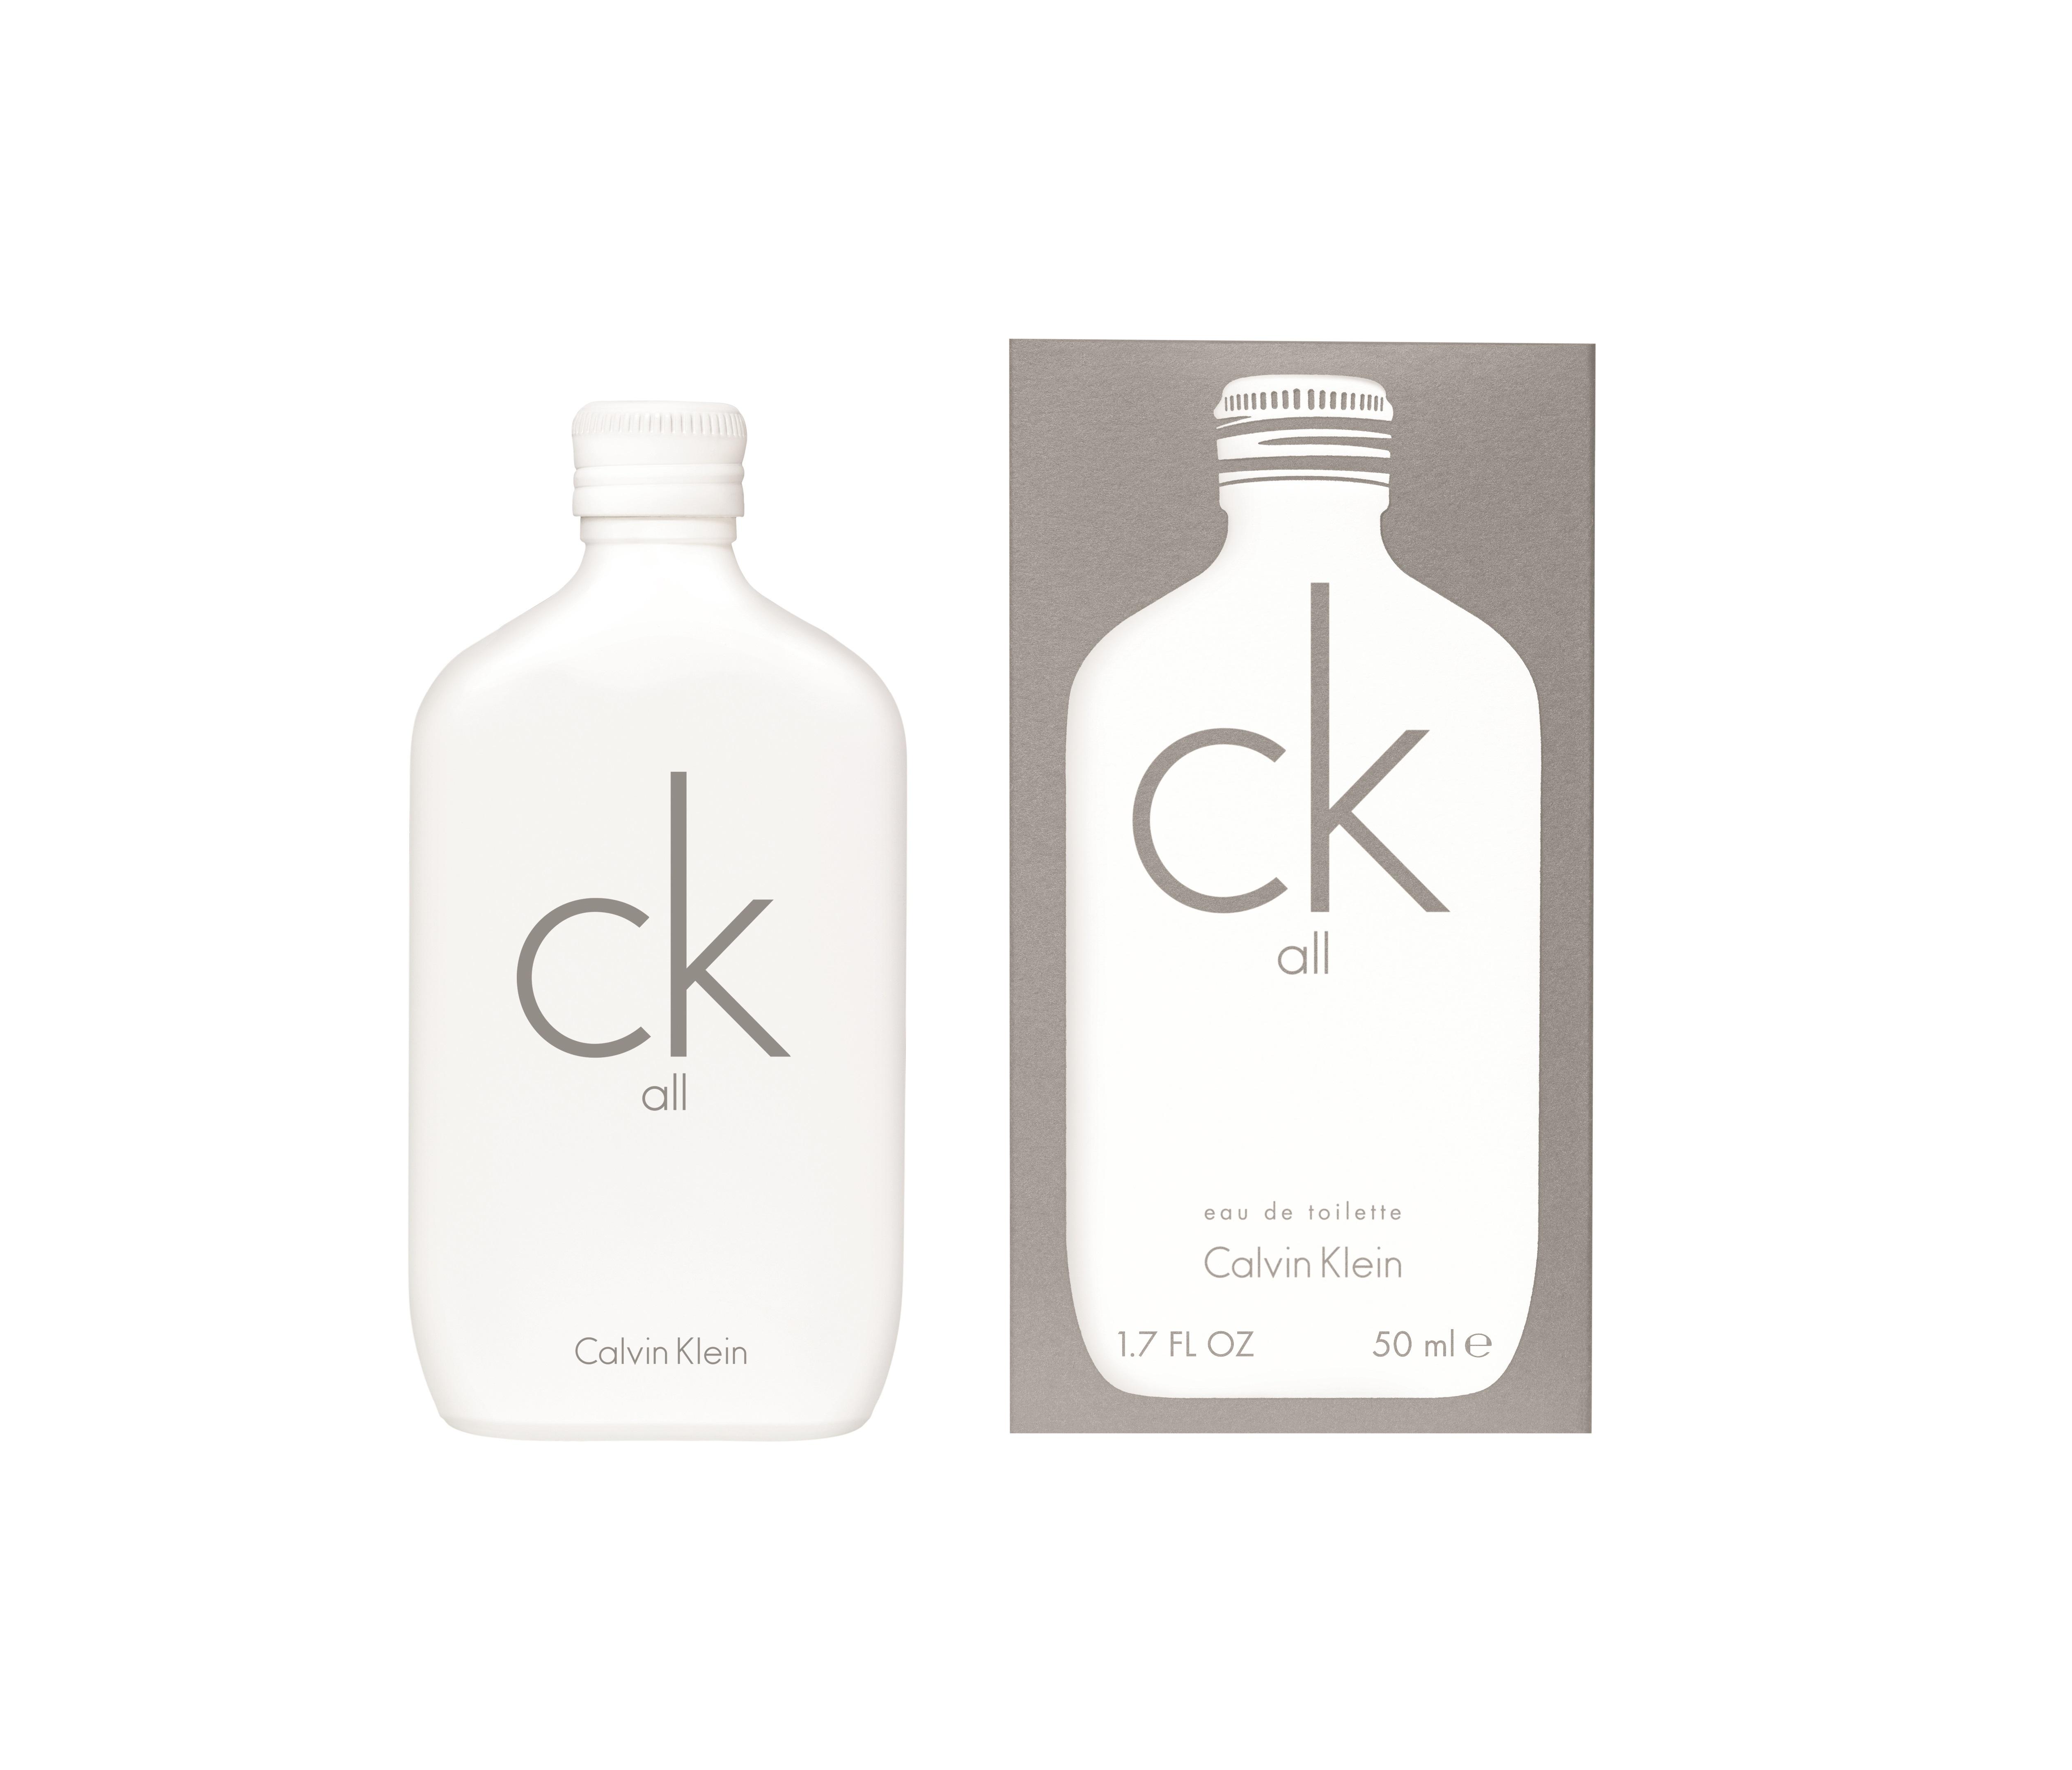 Купить со скидкой CALVIN KLEIN Вода туалетная для мужчин и женщин Calvin Klein Ck All 50 мл